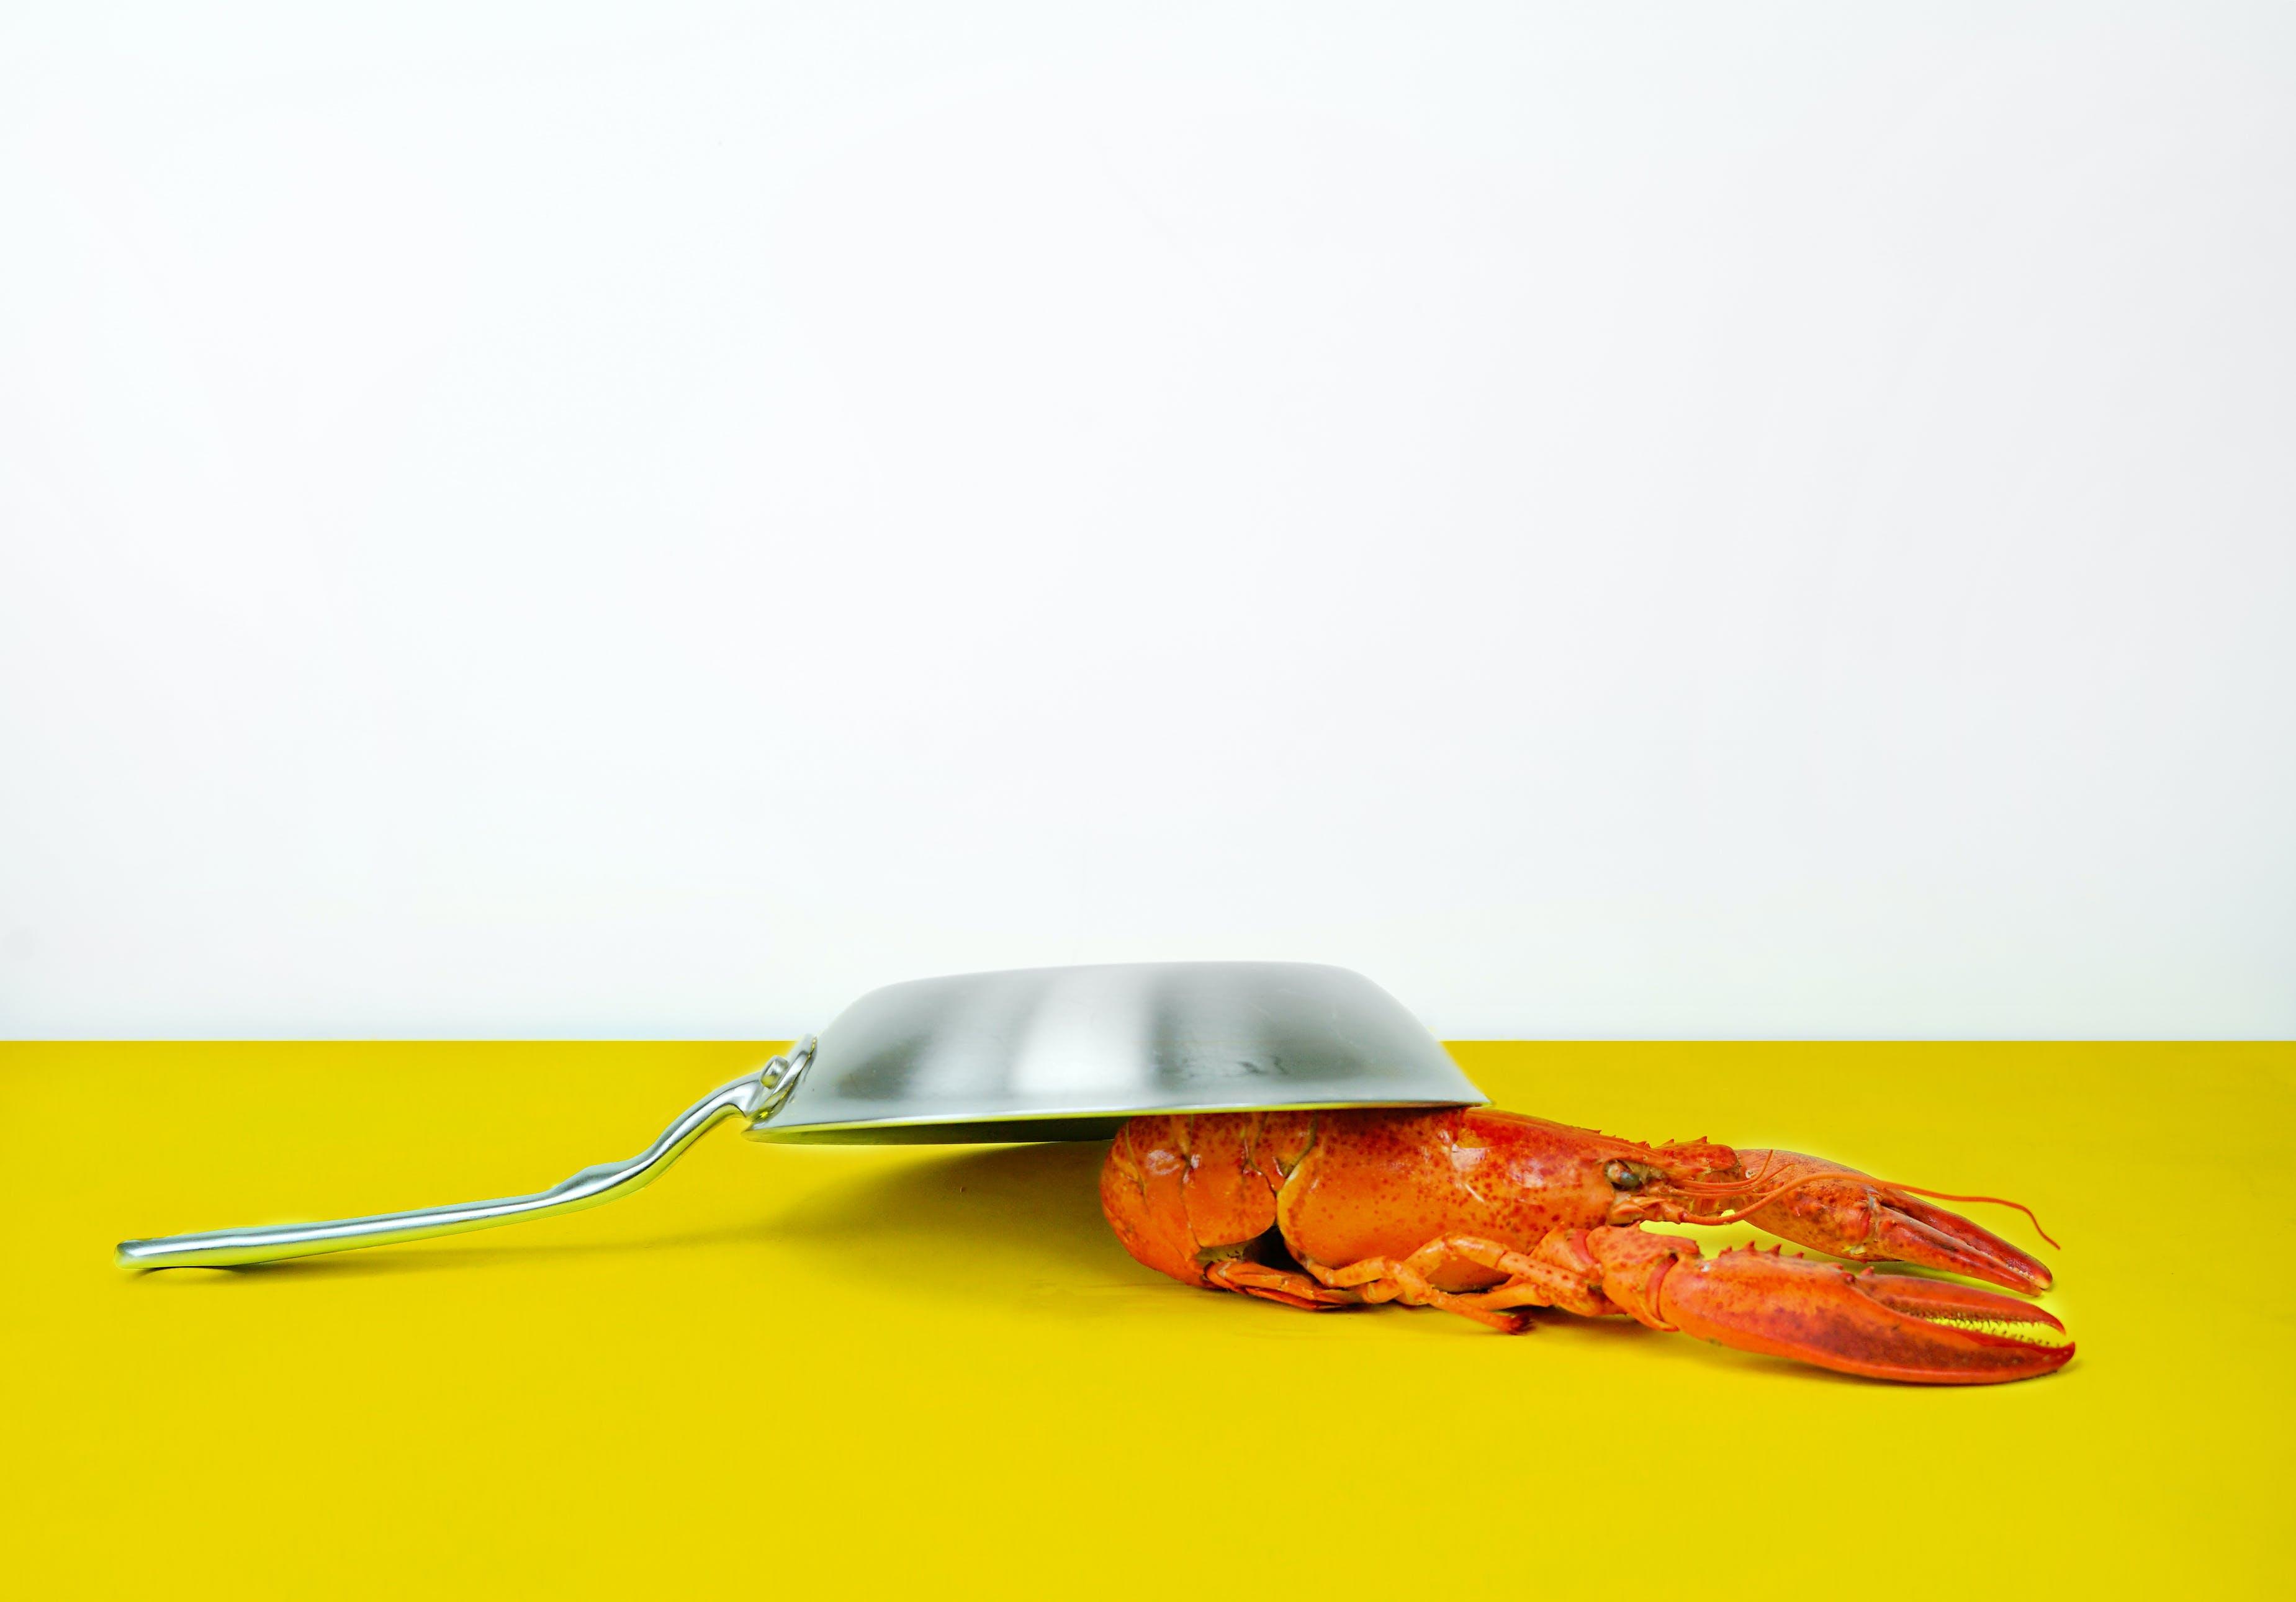 chutný, fotografie jídla, humr